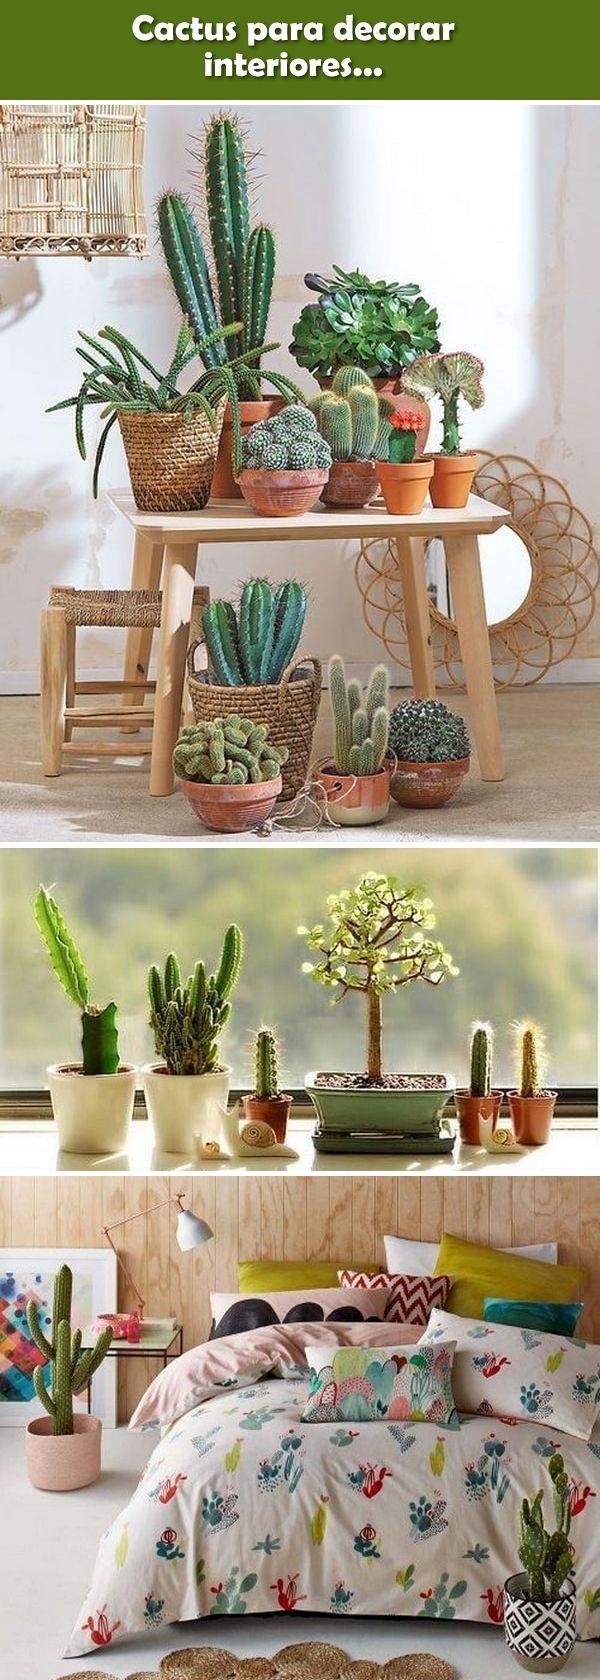 Decoración de interiores con cactus. Plantas para decorar interiores. #cactus #plantas #plantasdeinteriores